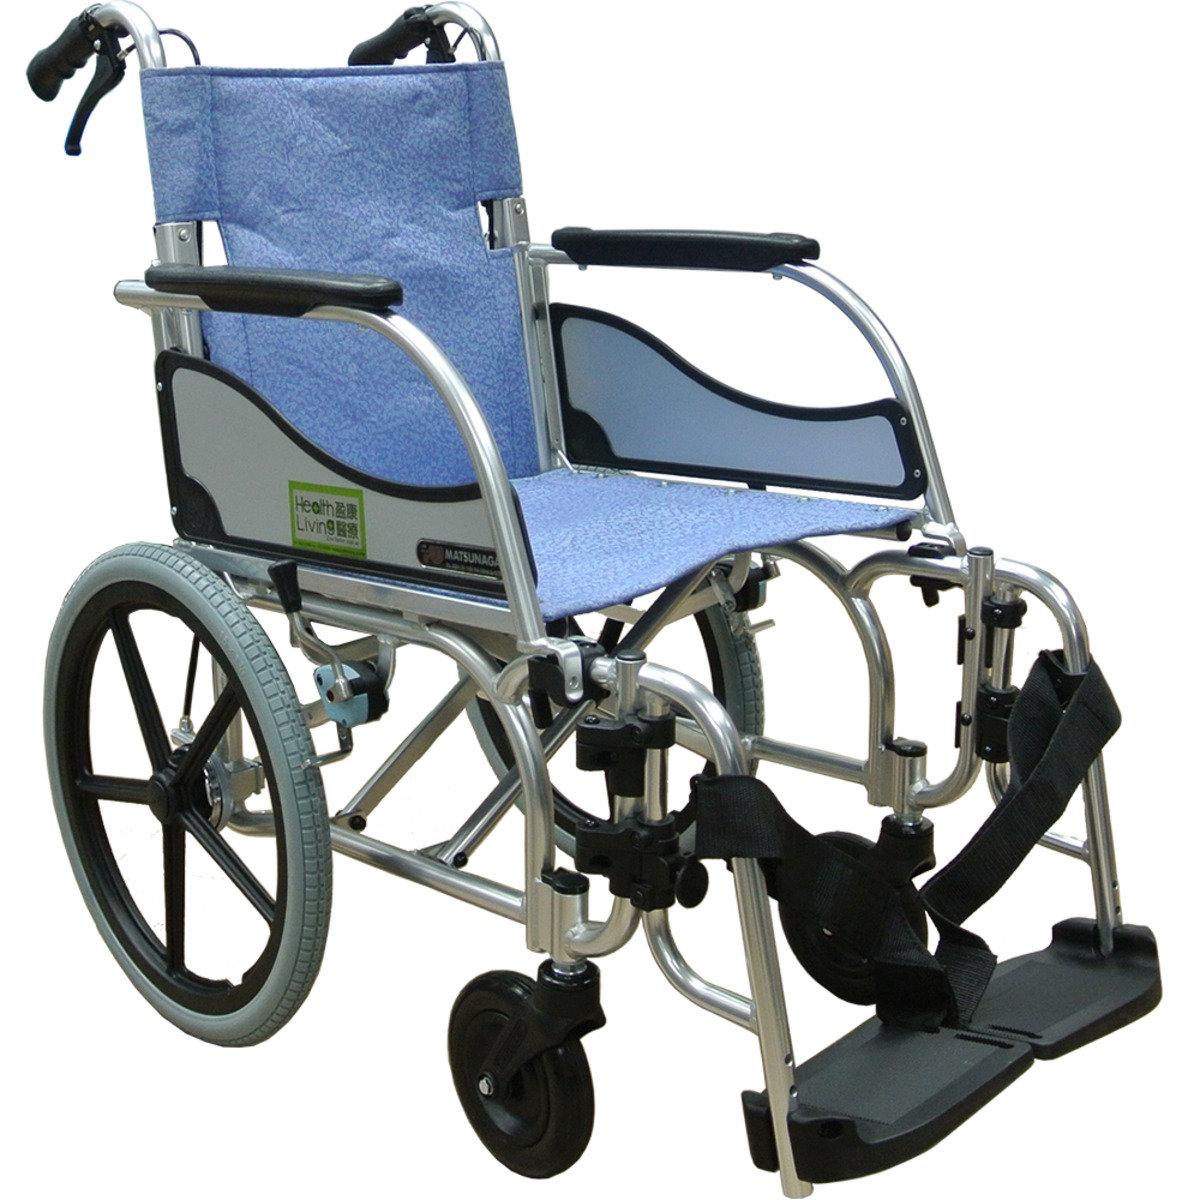 MW-SL4D 多功能輕輪椅 (46cm座闊、49cm座高、E-2藍色)